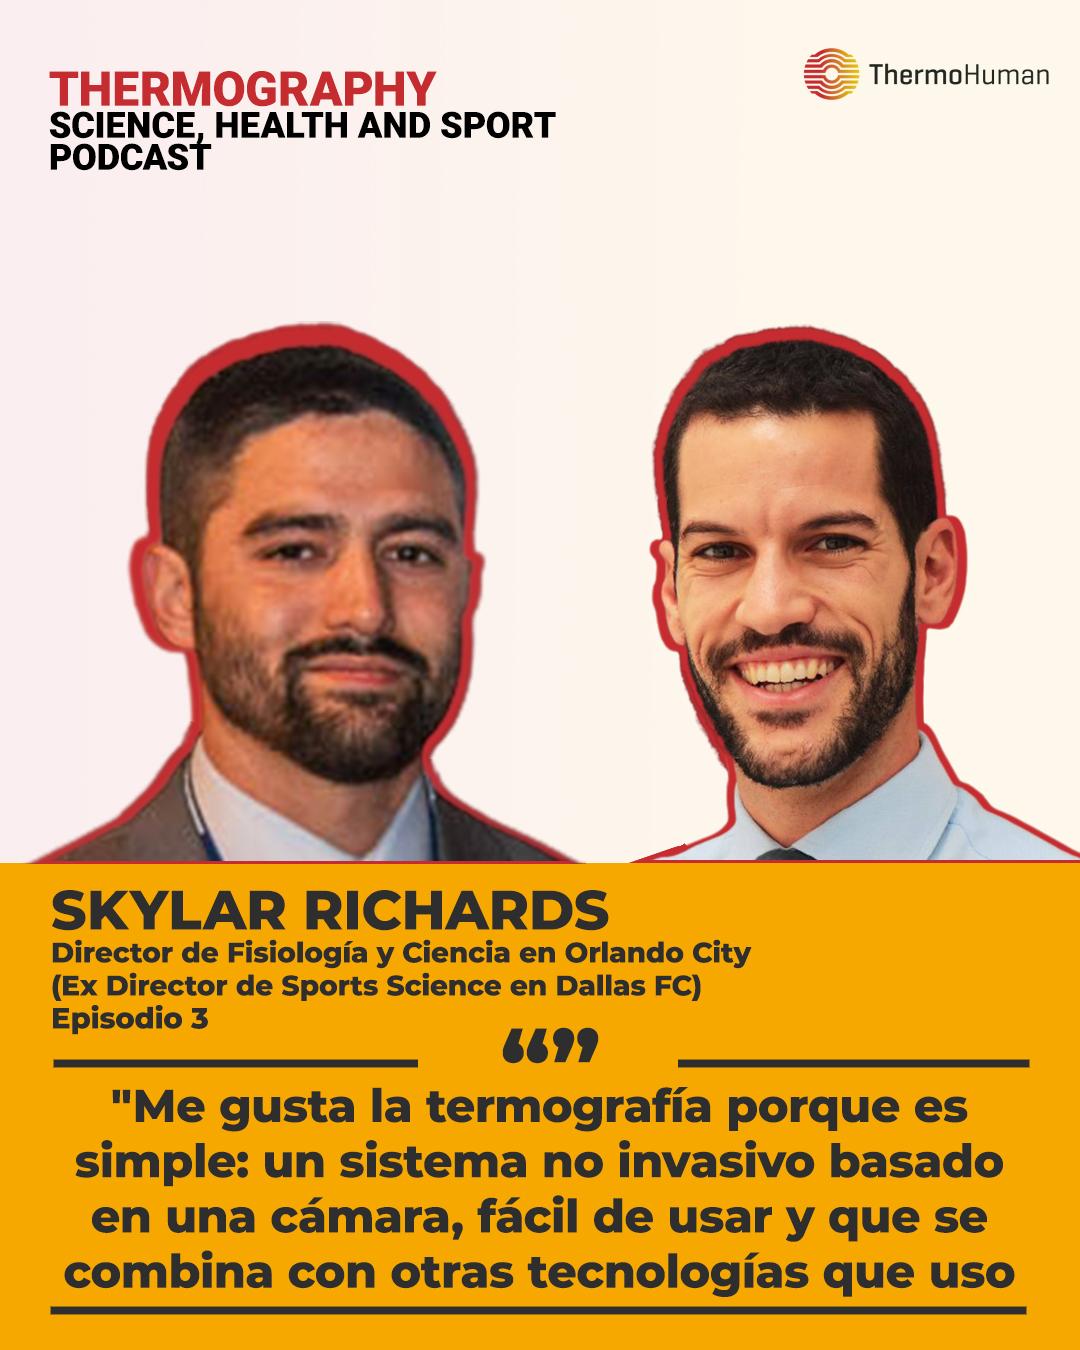 Podcast ThermoHuman nº3: Skylar Richards (Director de fisiología y ciencia de los Orlando City)